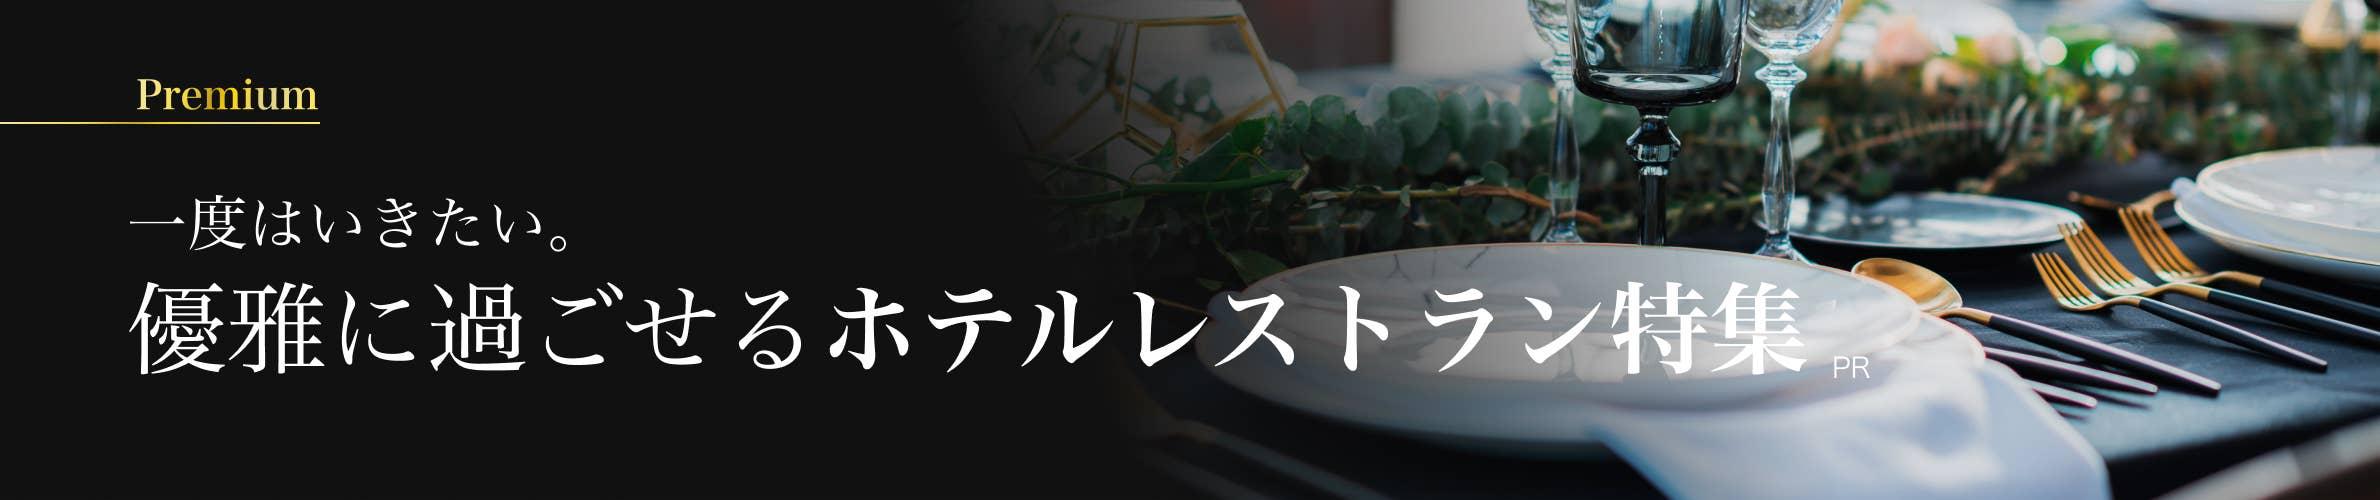 新宿でおすすめホテルレストラン特集[PR]